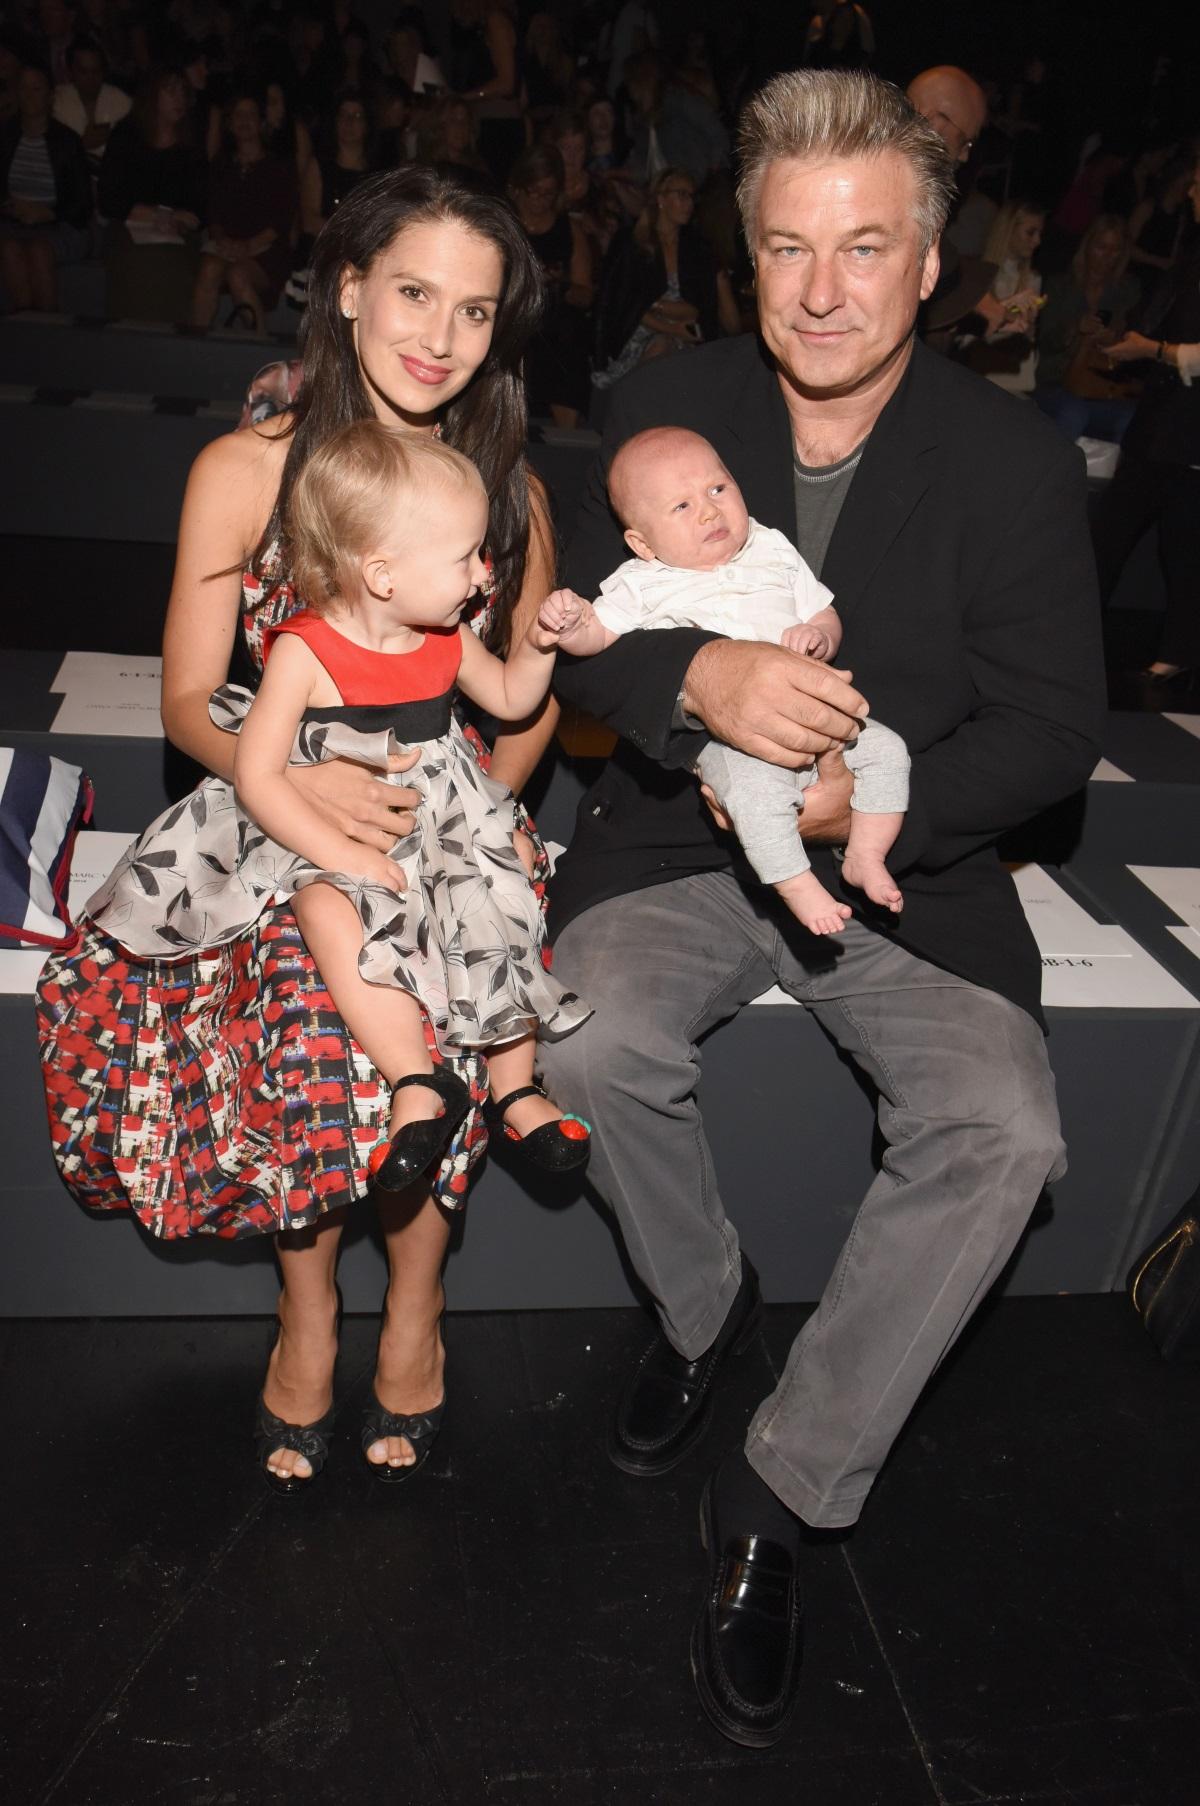 Актьорът стана баща за пети път. Той има четири деца от настоящата си съпруга Хилария и една дъщеря от бившата си партньорка - актрисата и модел Ким Бейсингър.